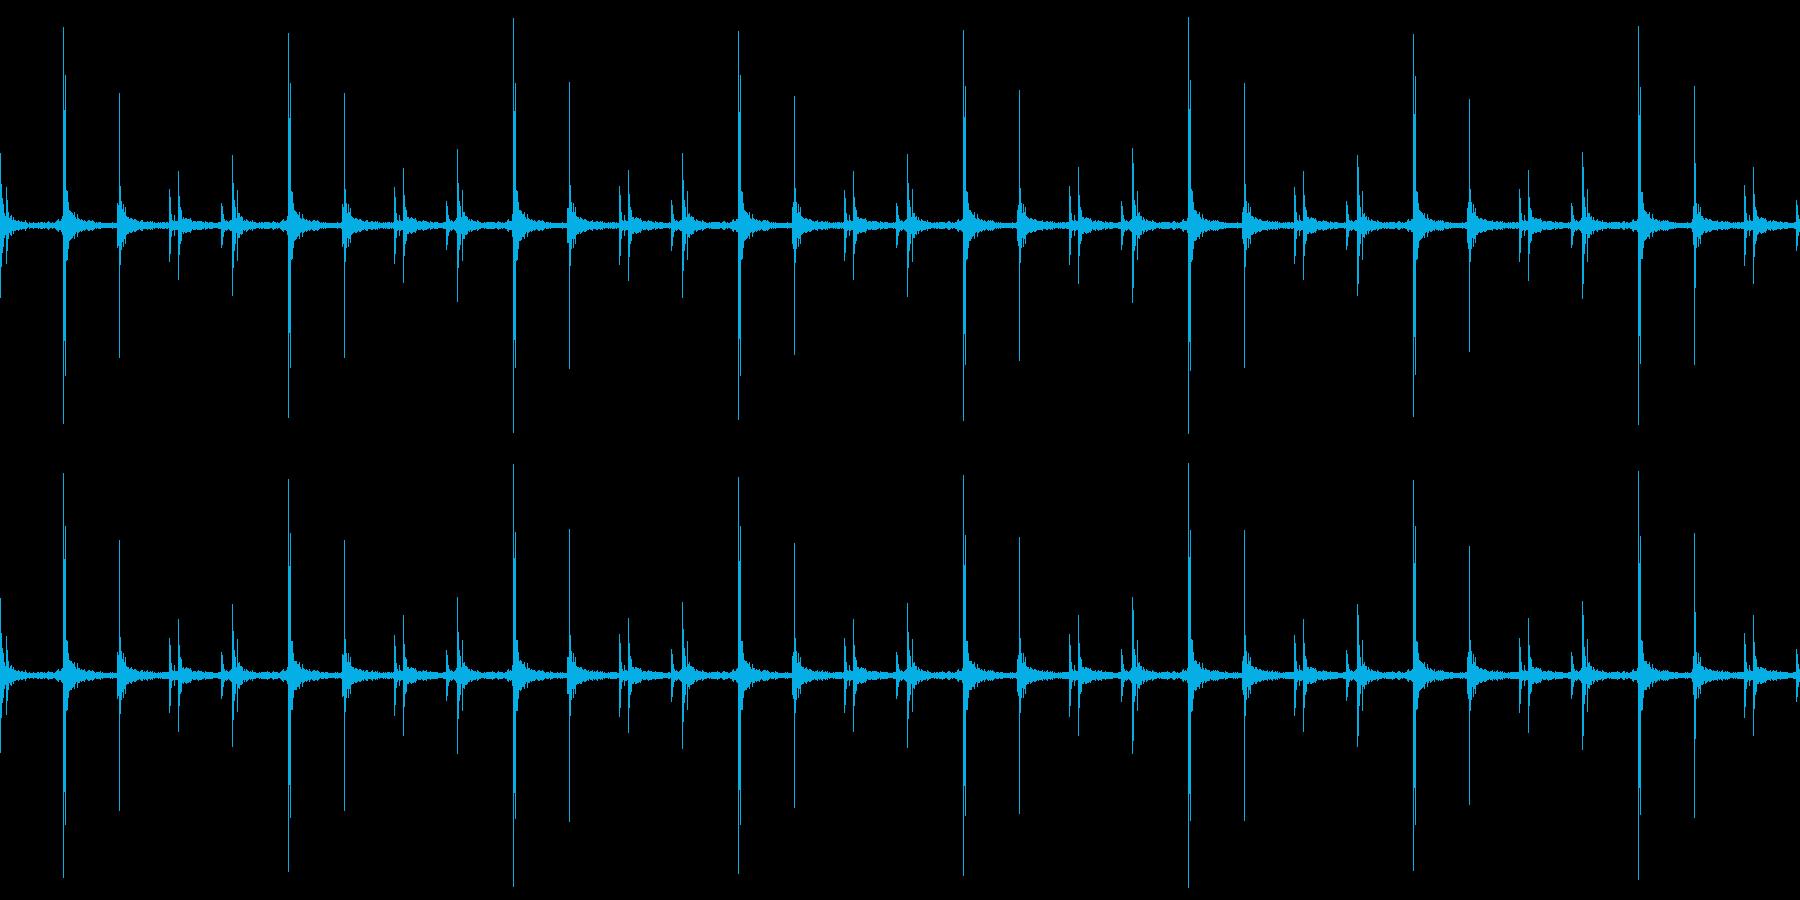 かつかつ(足音)の再生済みの波形